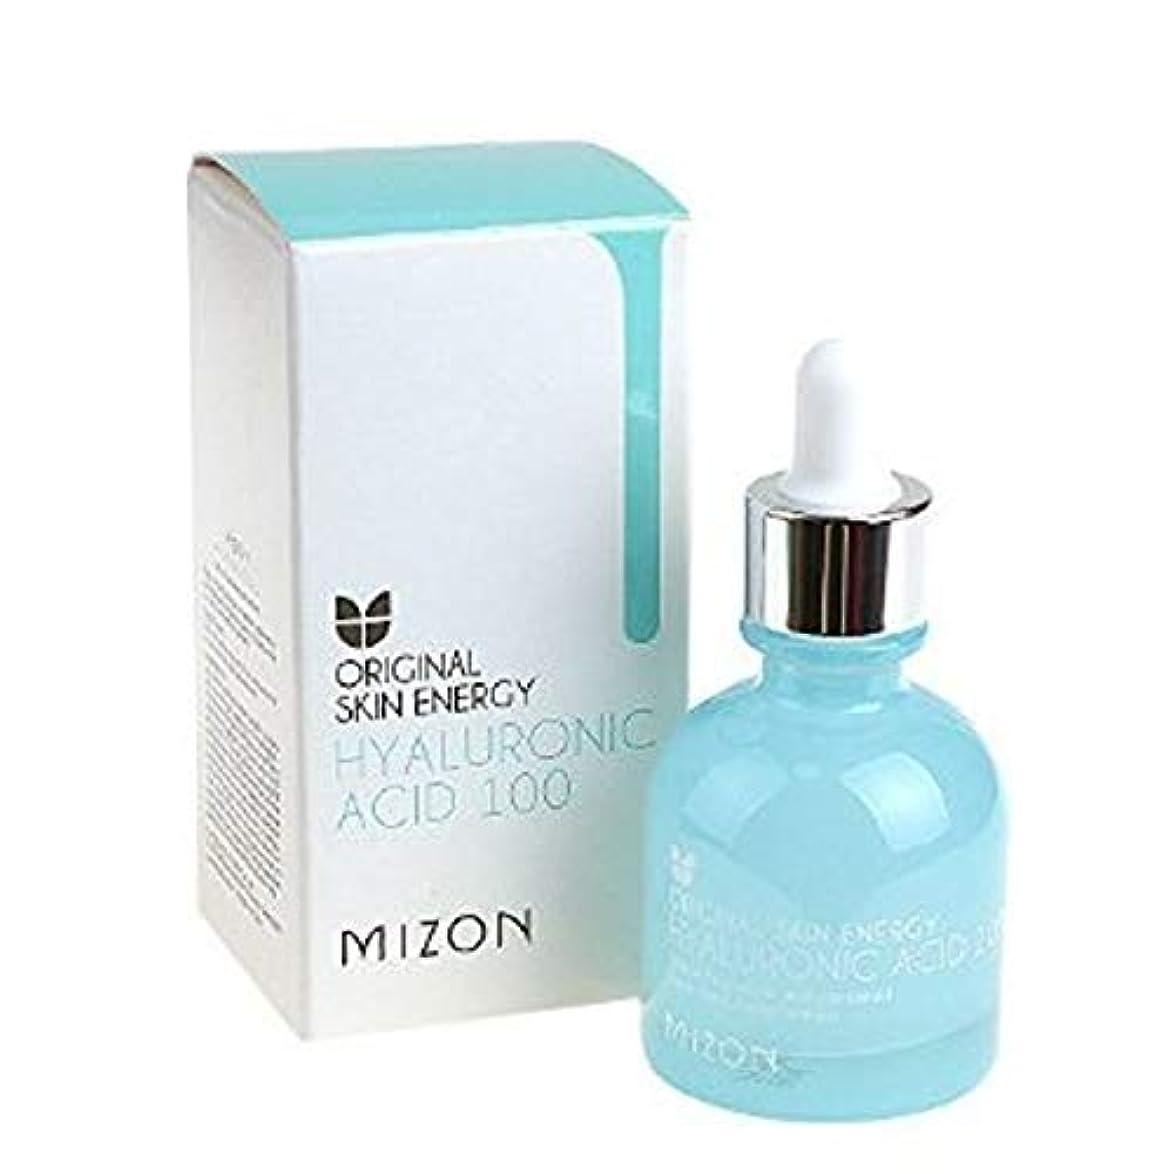 症候群モデレータ信頼性MIZON Original Skin Energy Hyaluronic Acid 100 (並行輸入品)